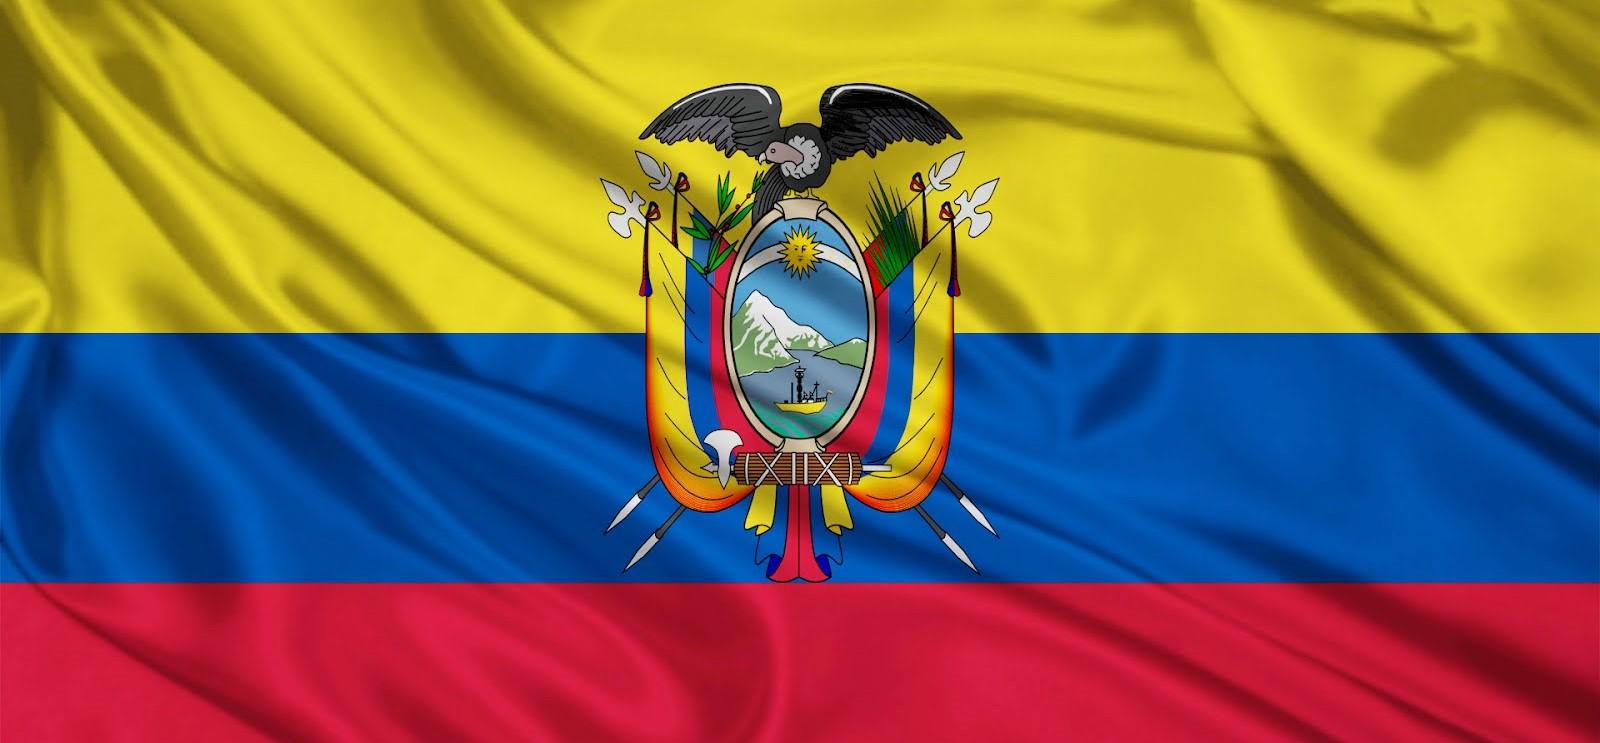 que-significan-los-colores-de-la-bandera-de-Ecuador1 (2)